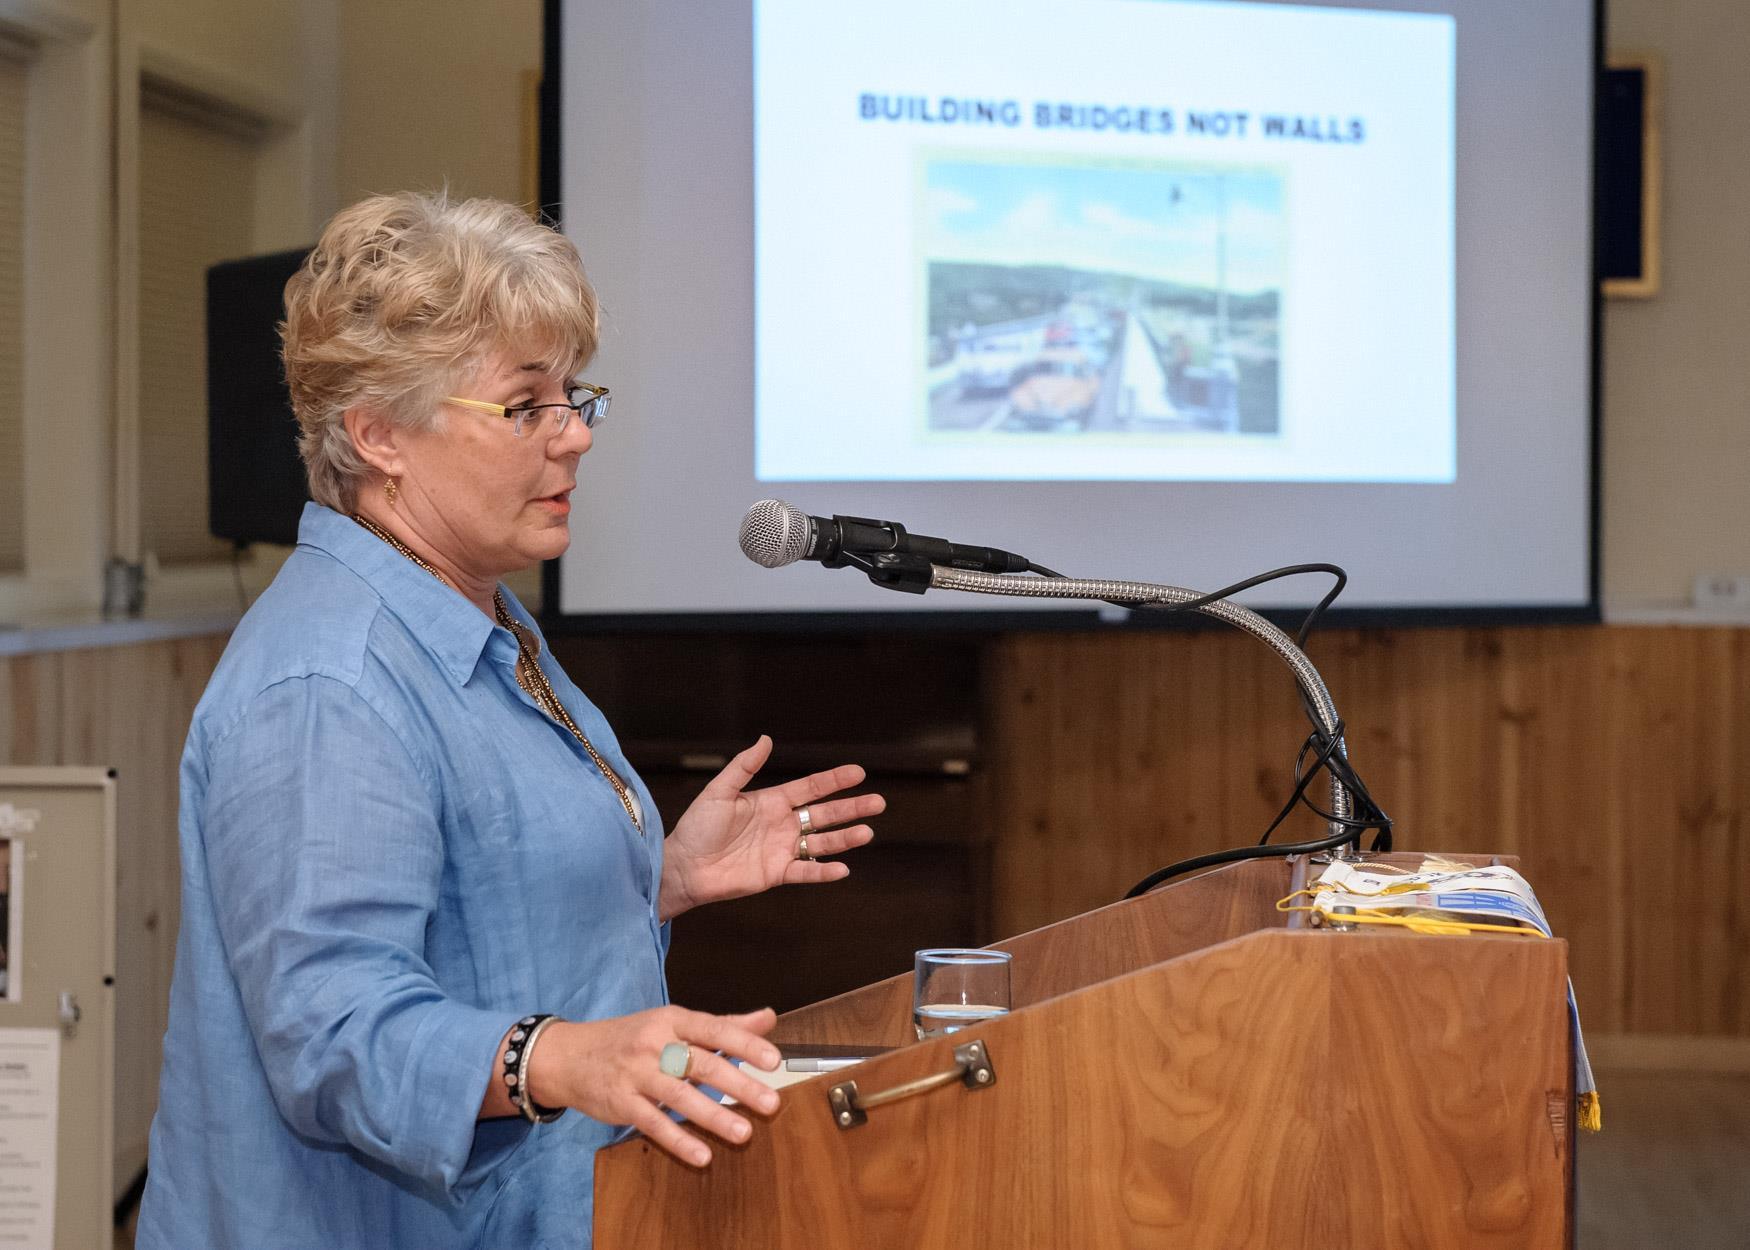 Lisa Martin - Build Bridges, Not Walls